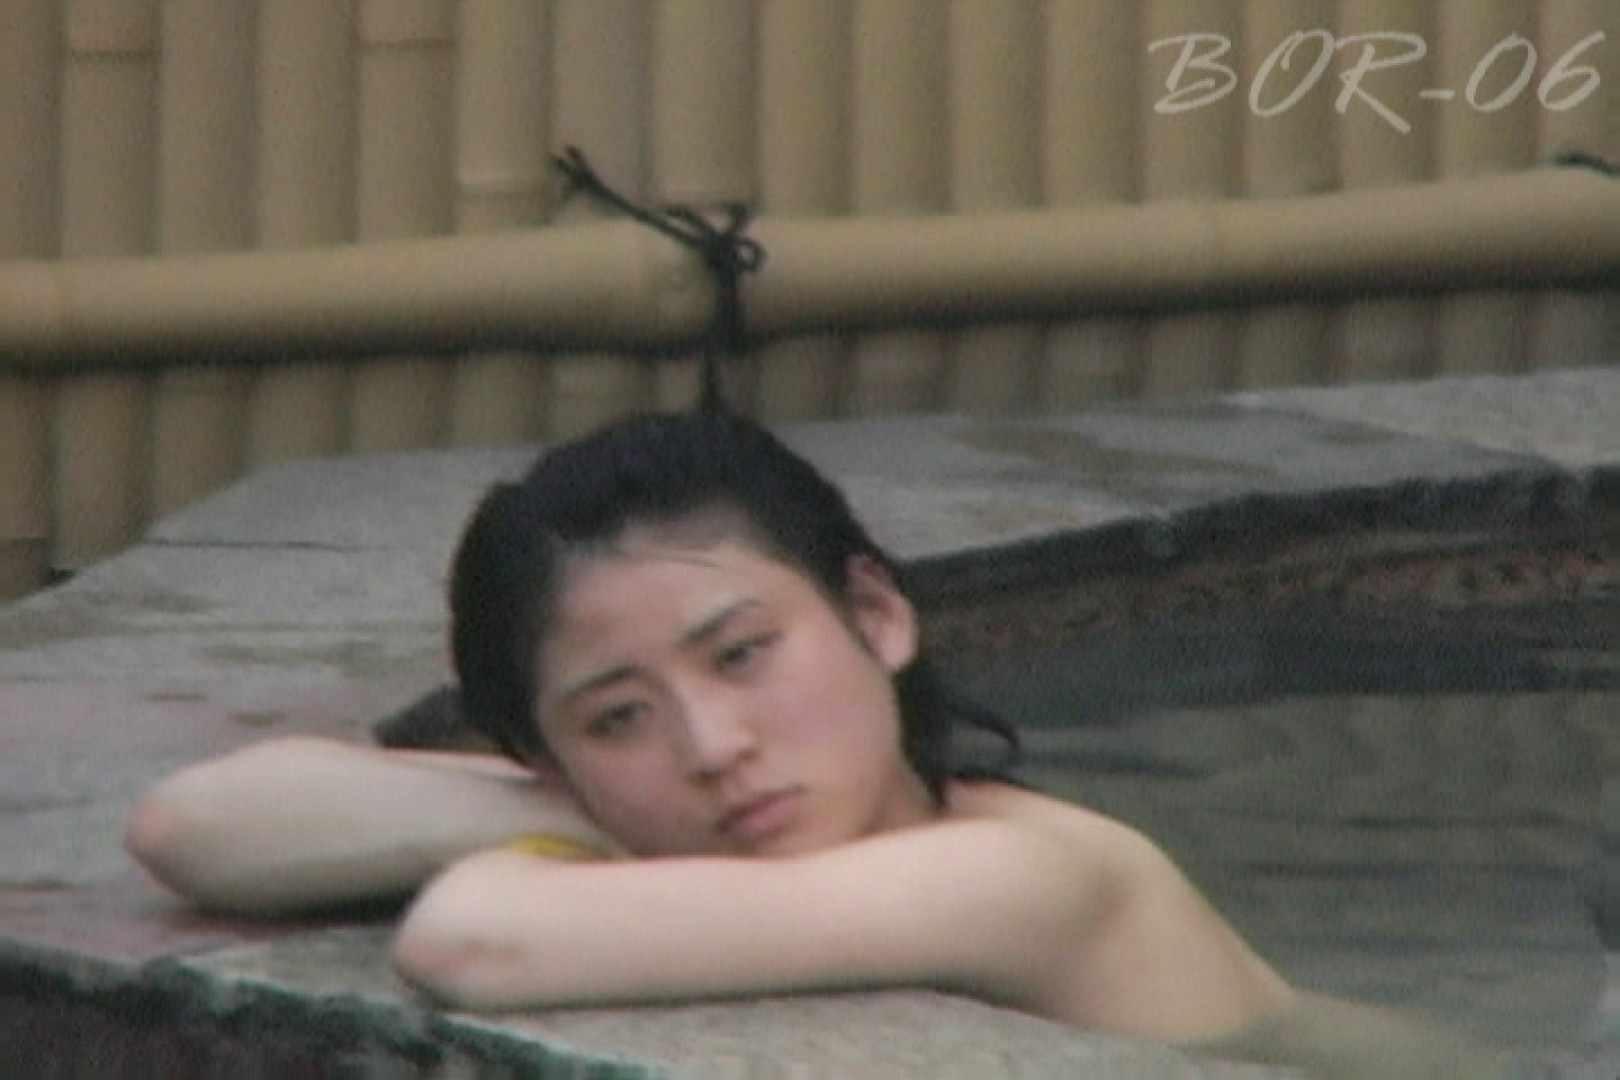 Aquaな露天風呂Vol.520 露天 | 盗撮  79枚 67